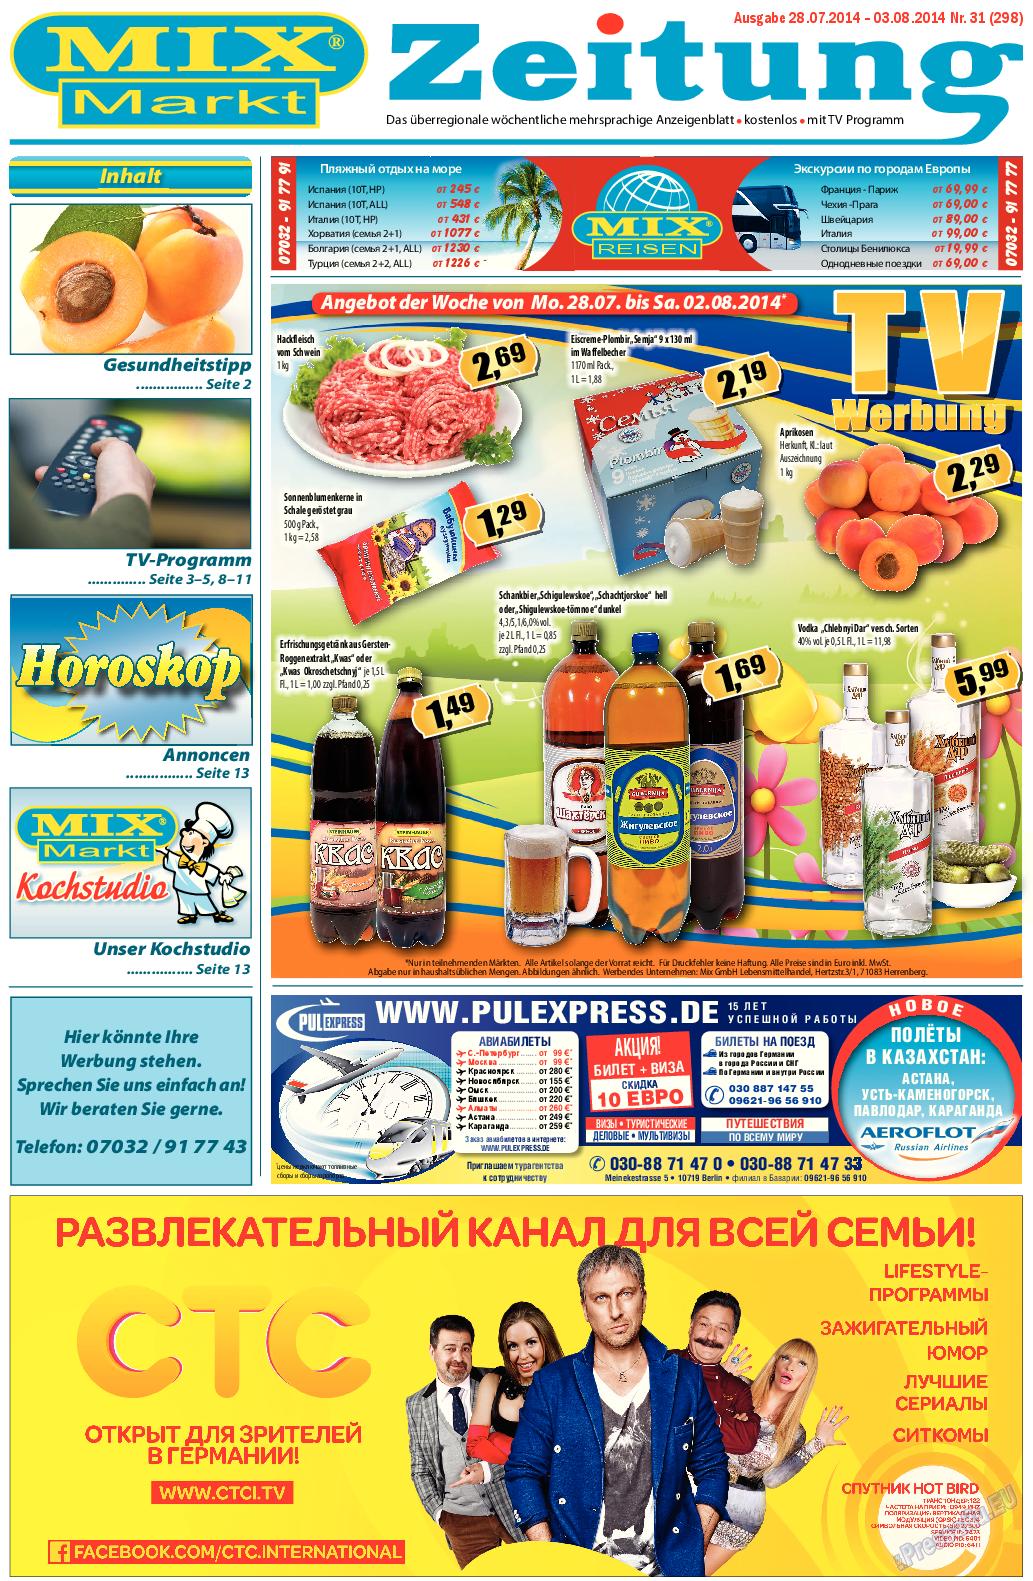 MIX-Markt Zeitung (газета). 2014 год, номер 31, стр. 1